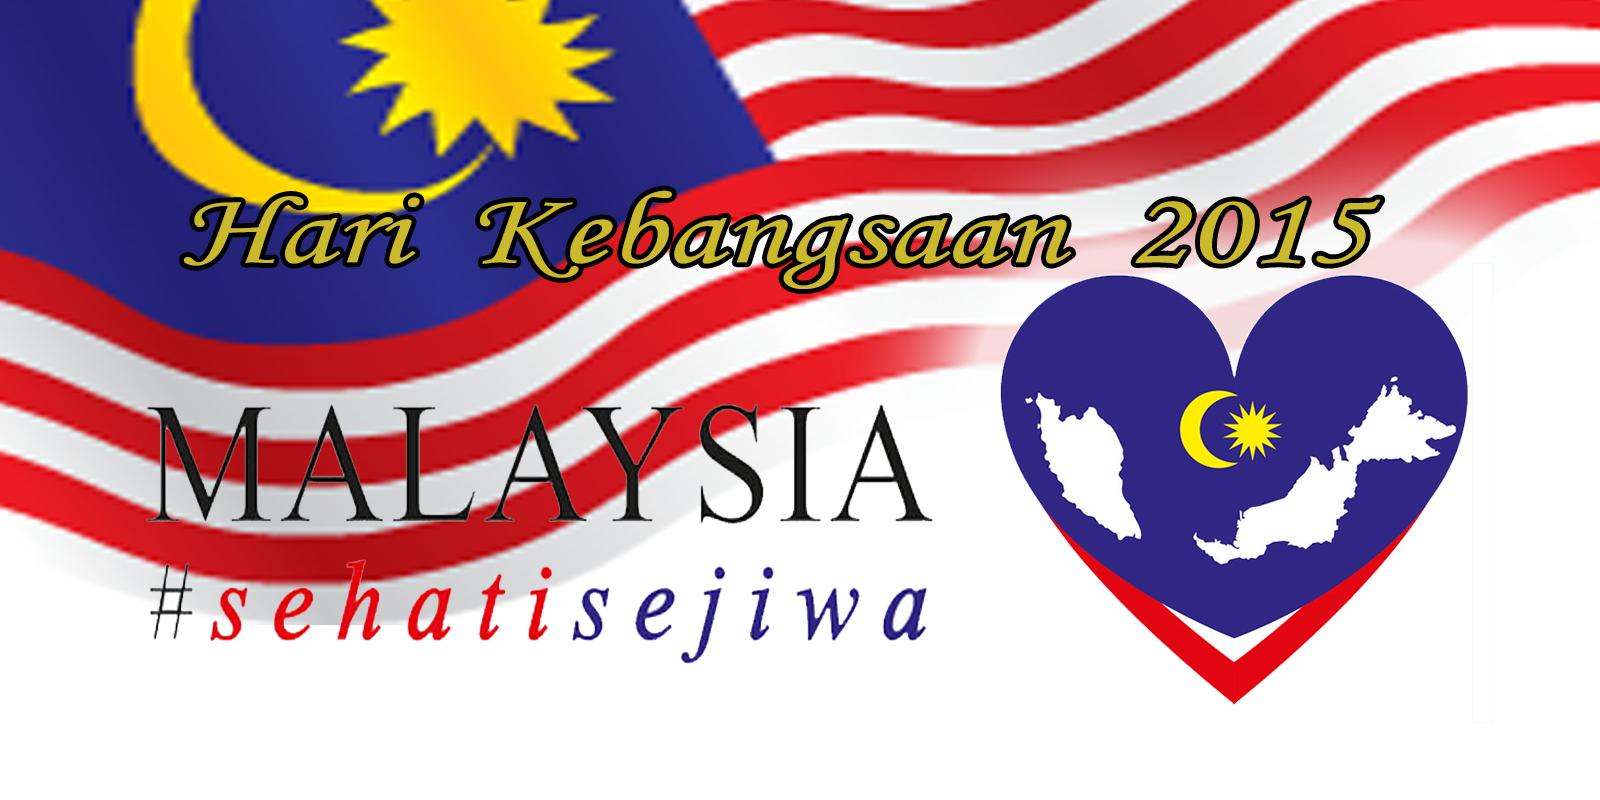 Hari Kebangsaan2015